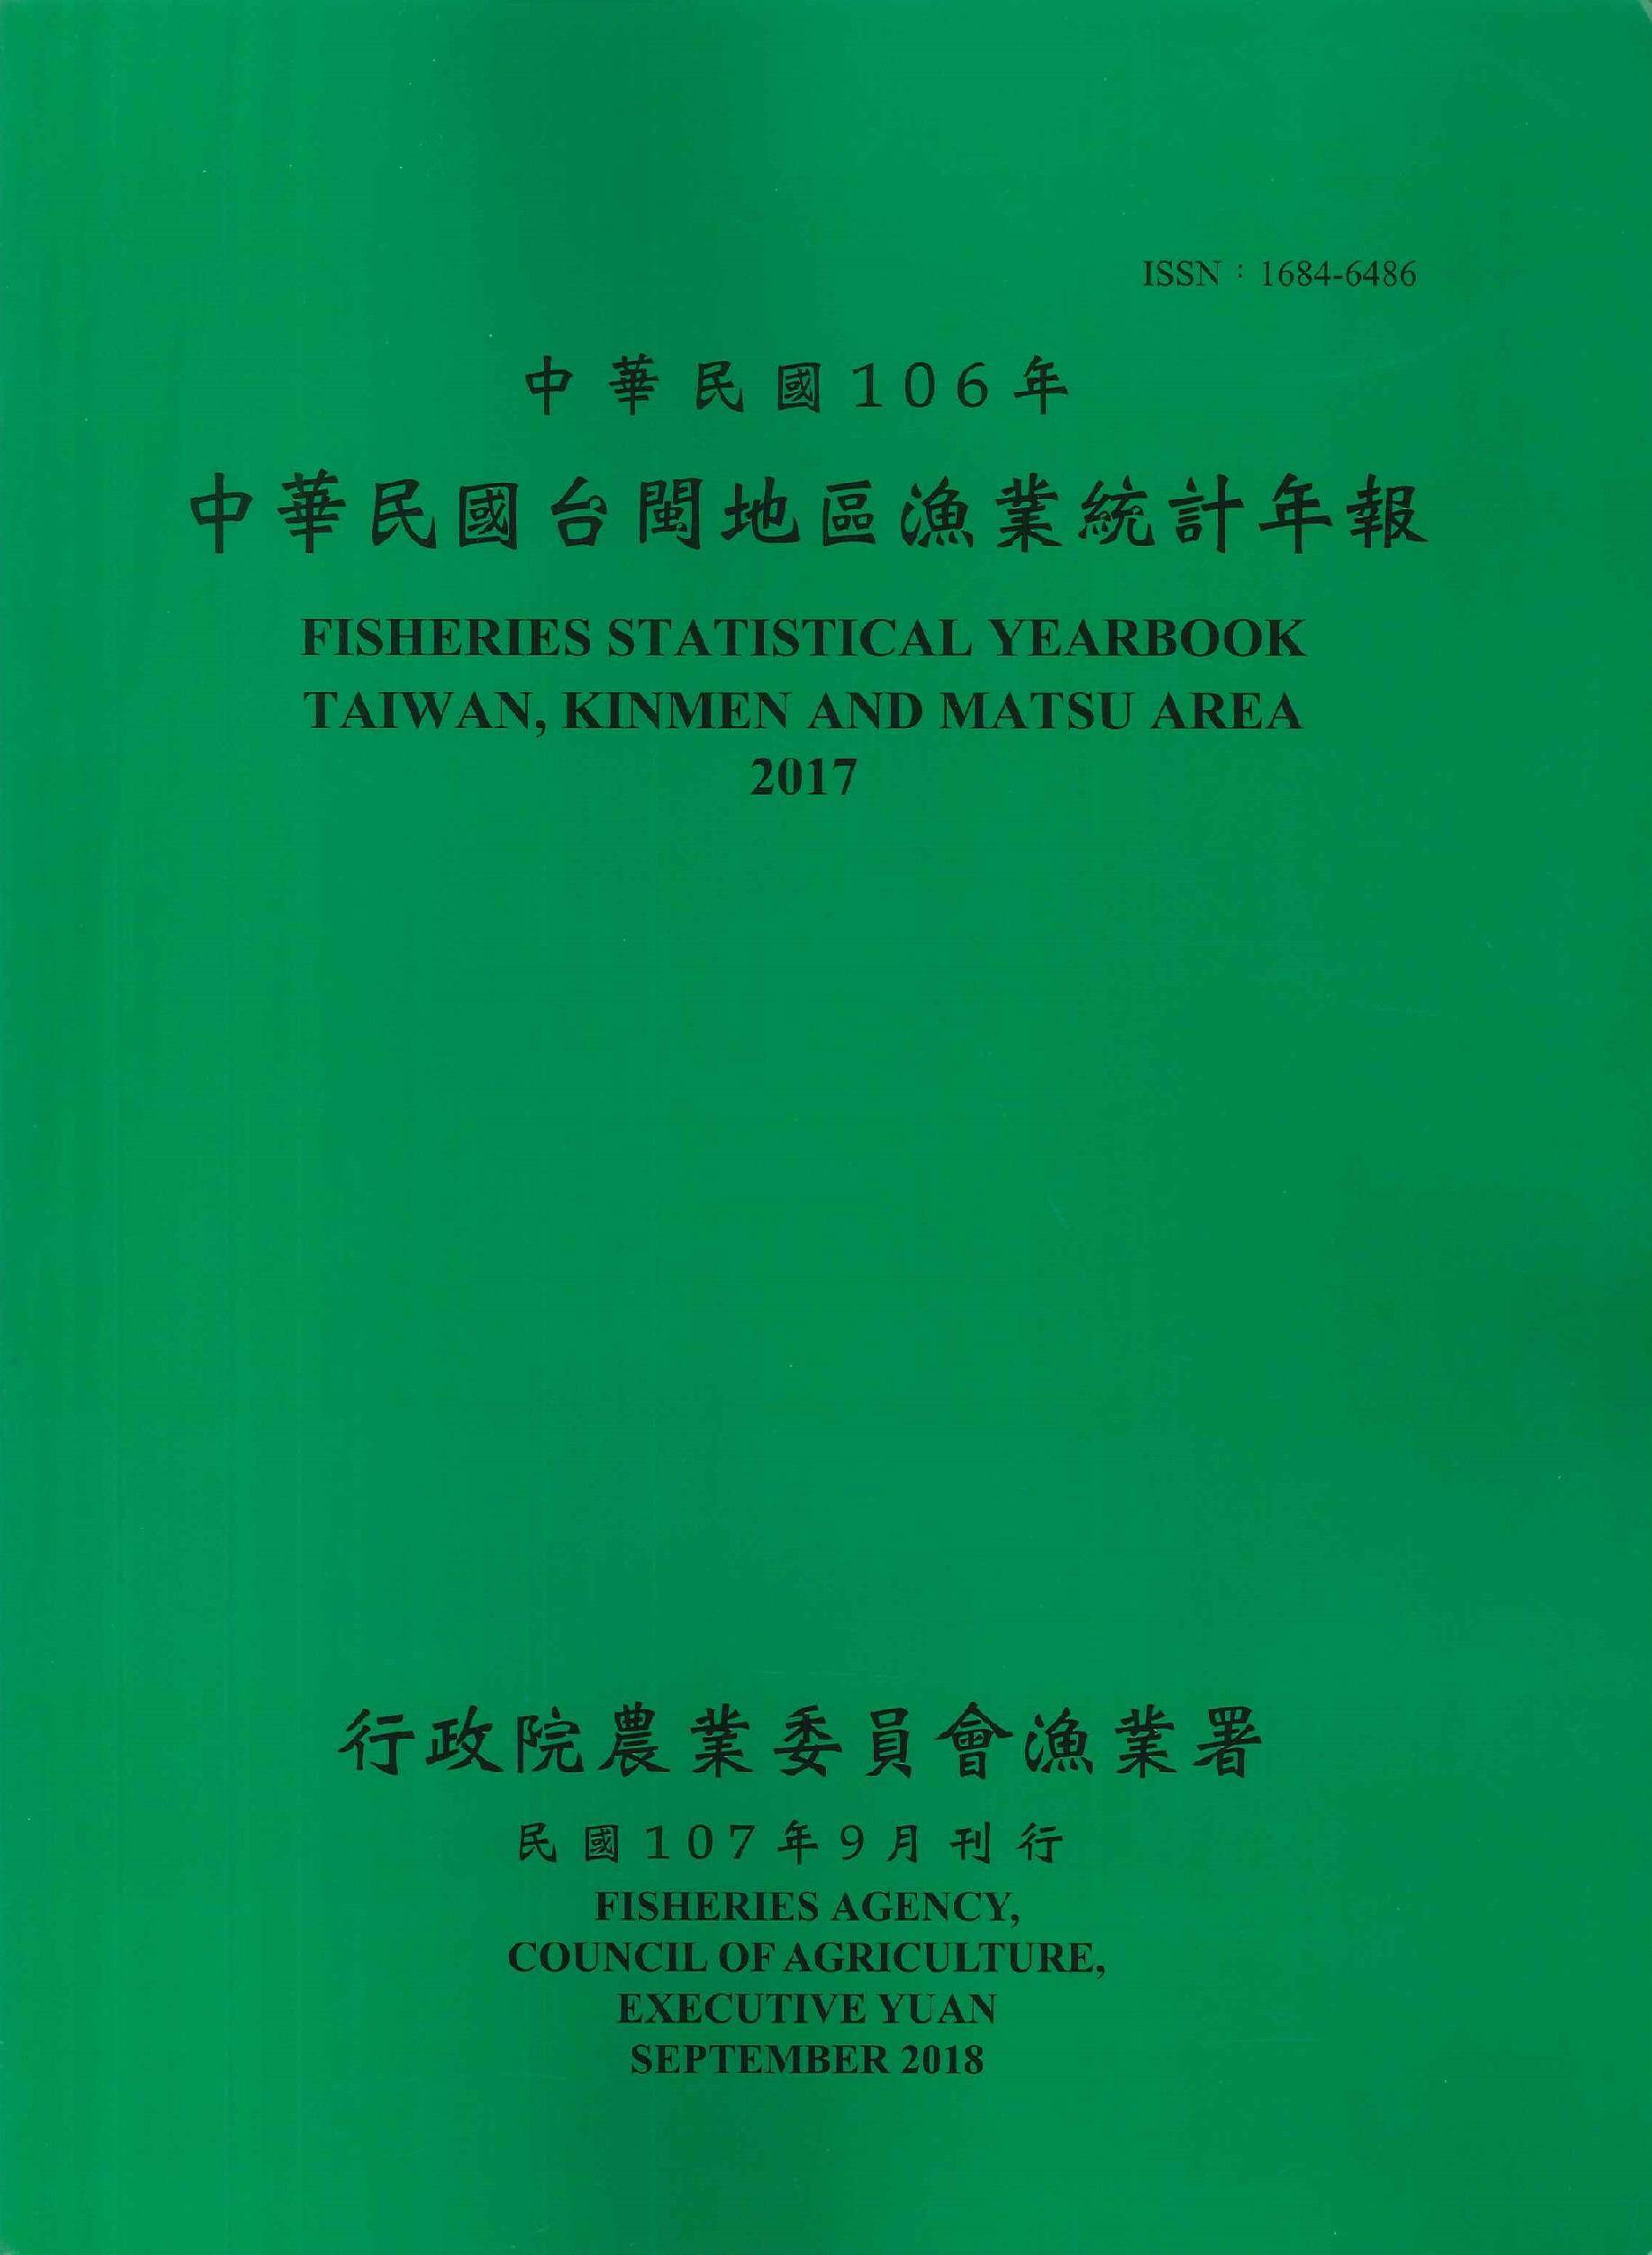 中華民國台閩地區漁業統計年報=Fisheries statistical yearbook, Taiwan, Kinmen and Matsu Area